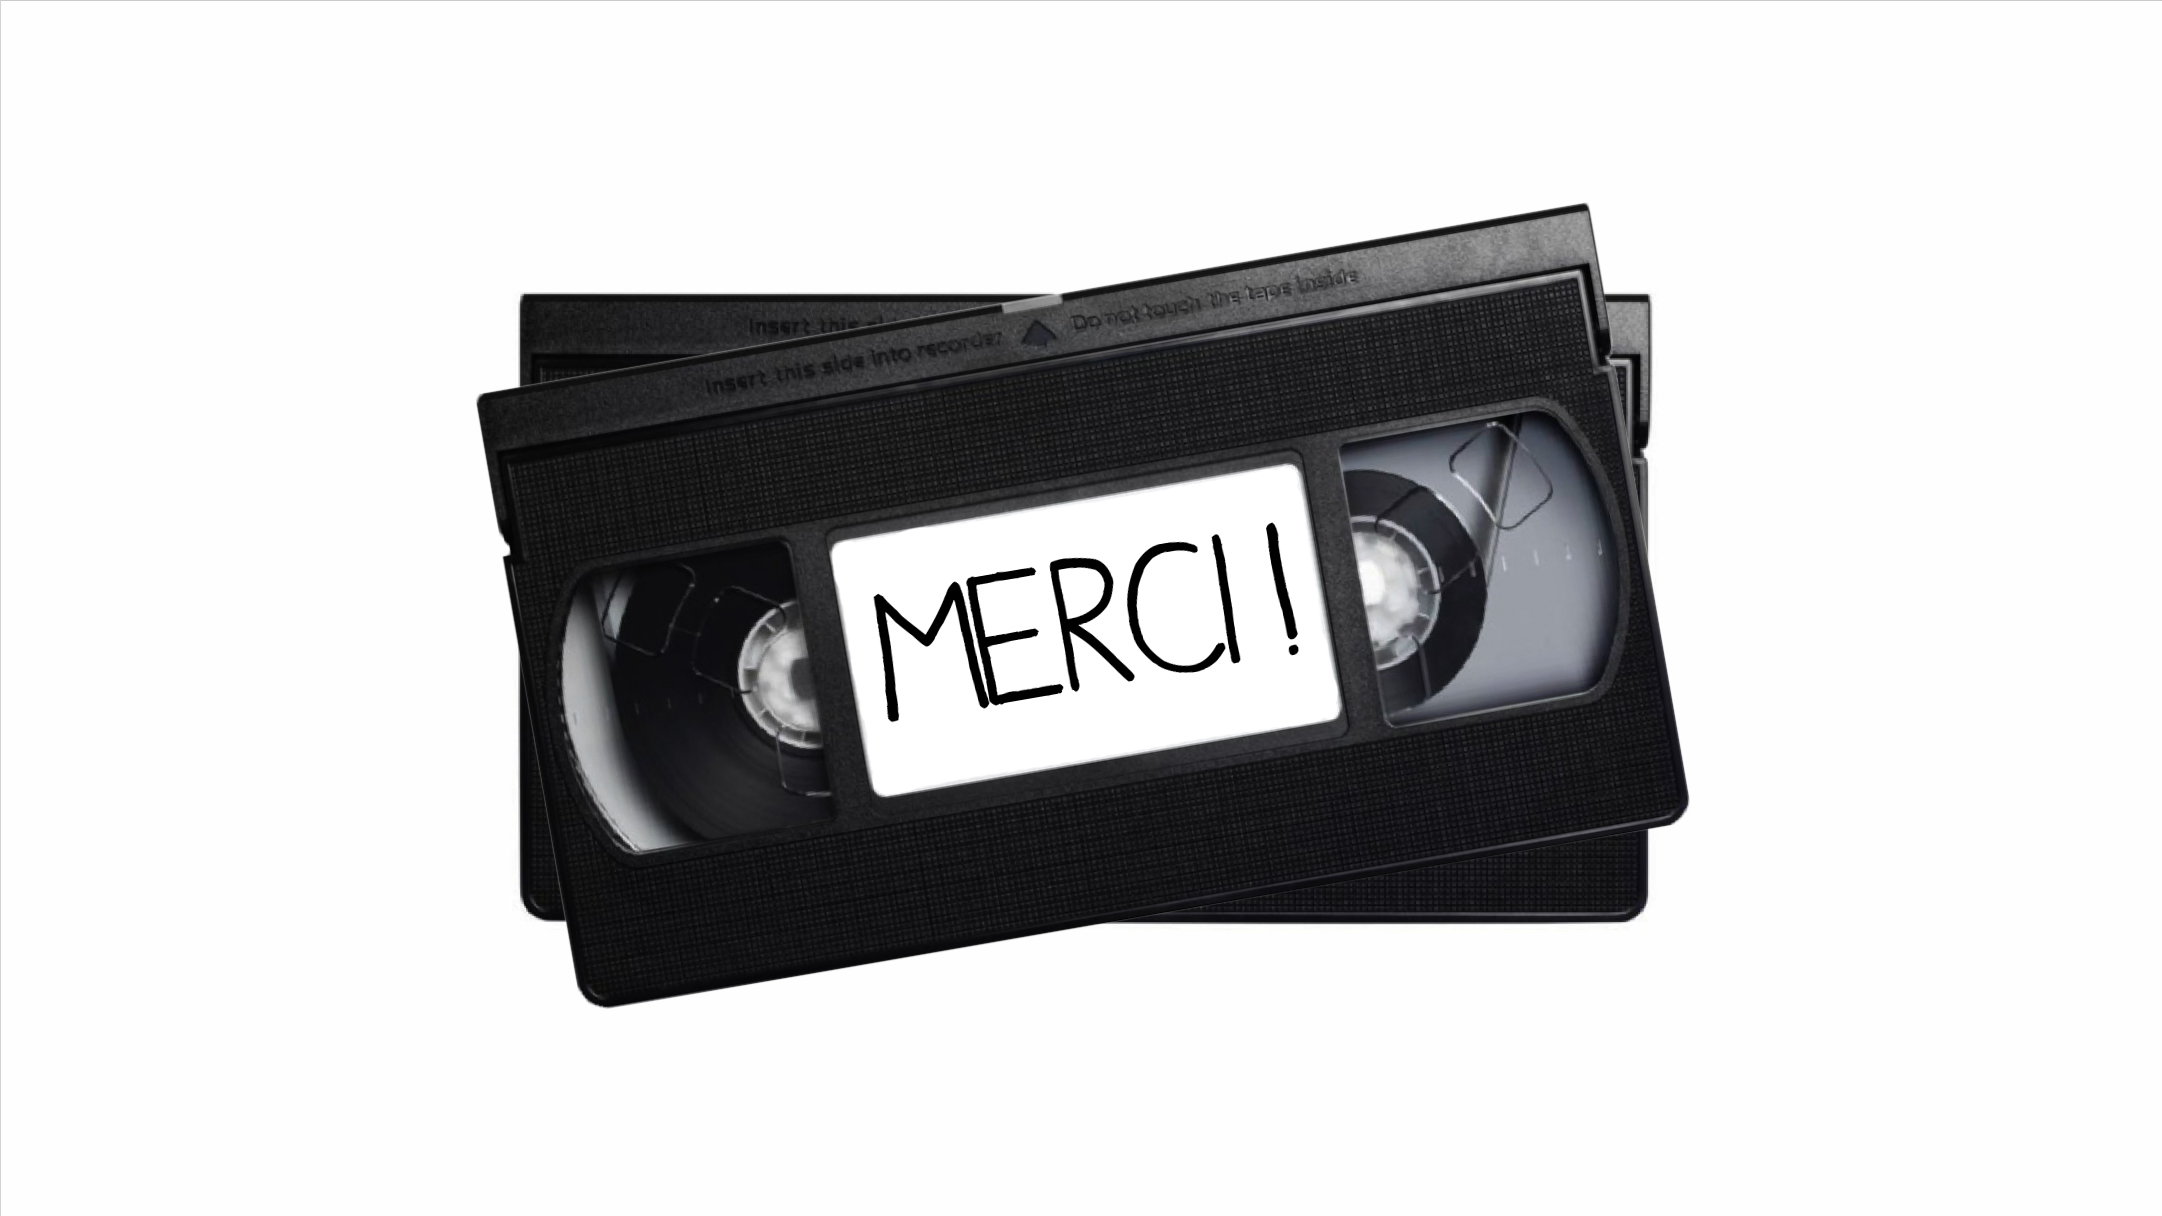 MERCI_1-1494336945.jpg